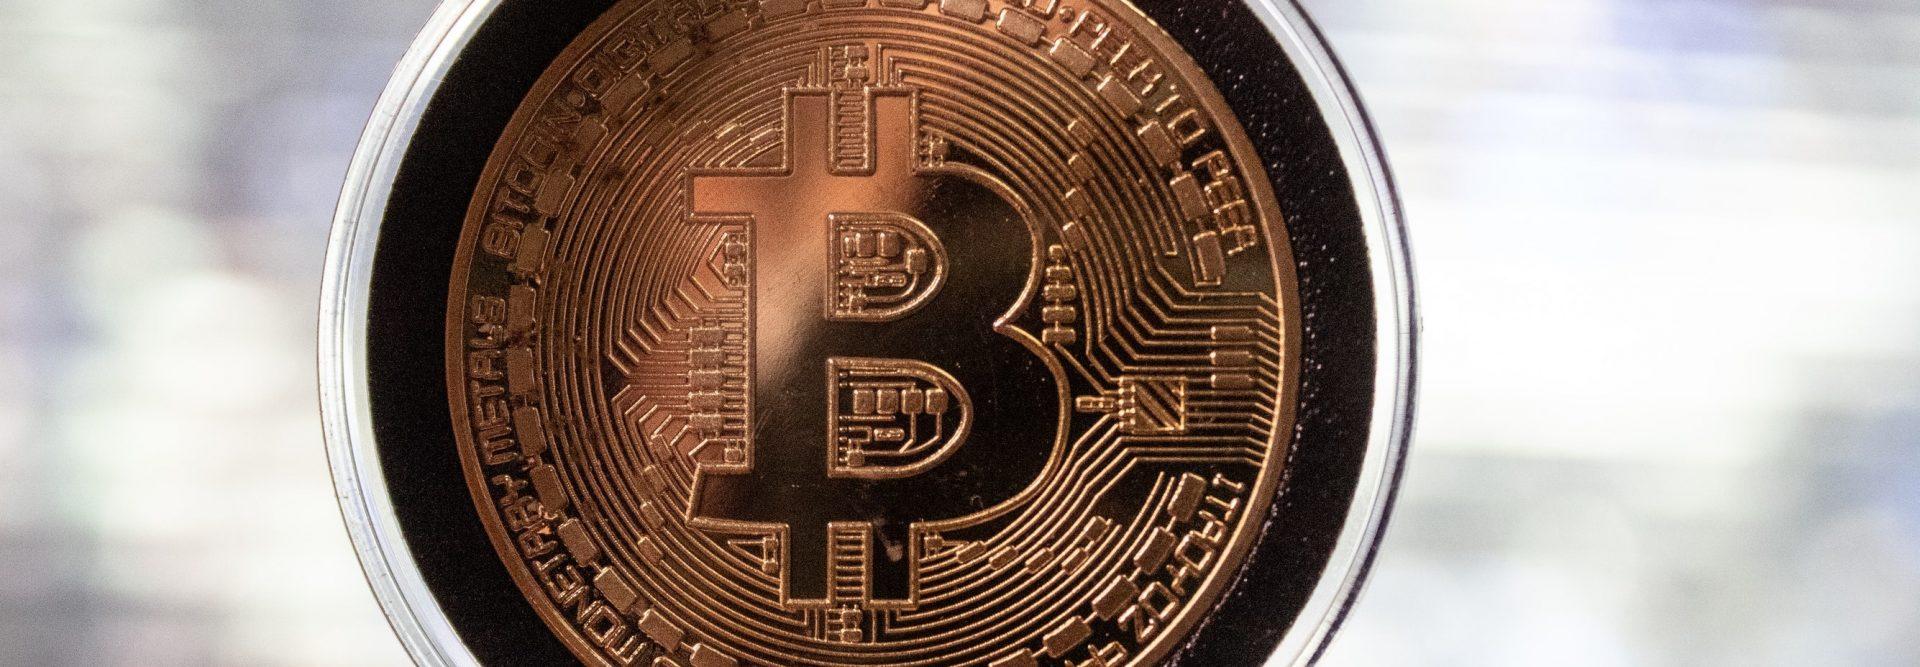 bitcoin-munt-plastic-omhulzing